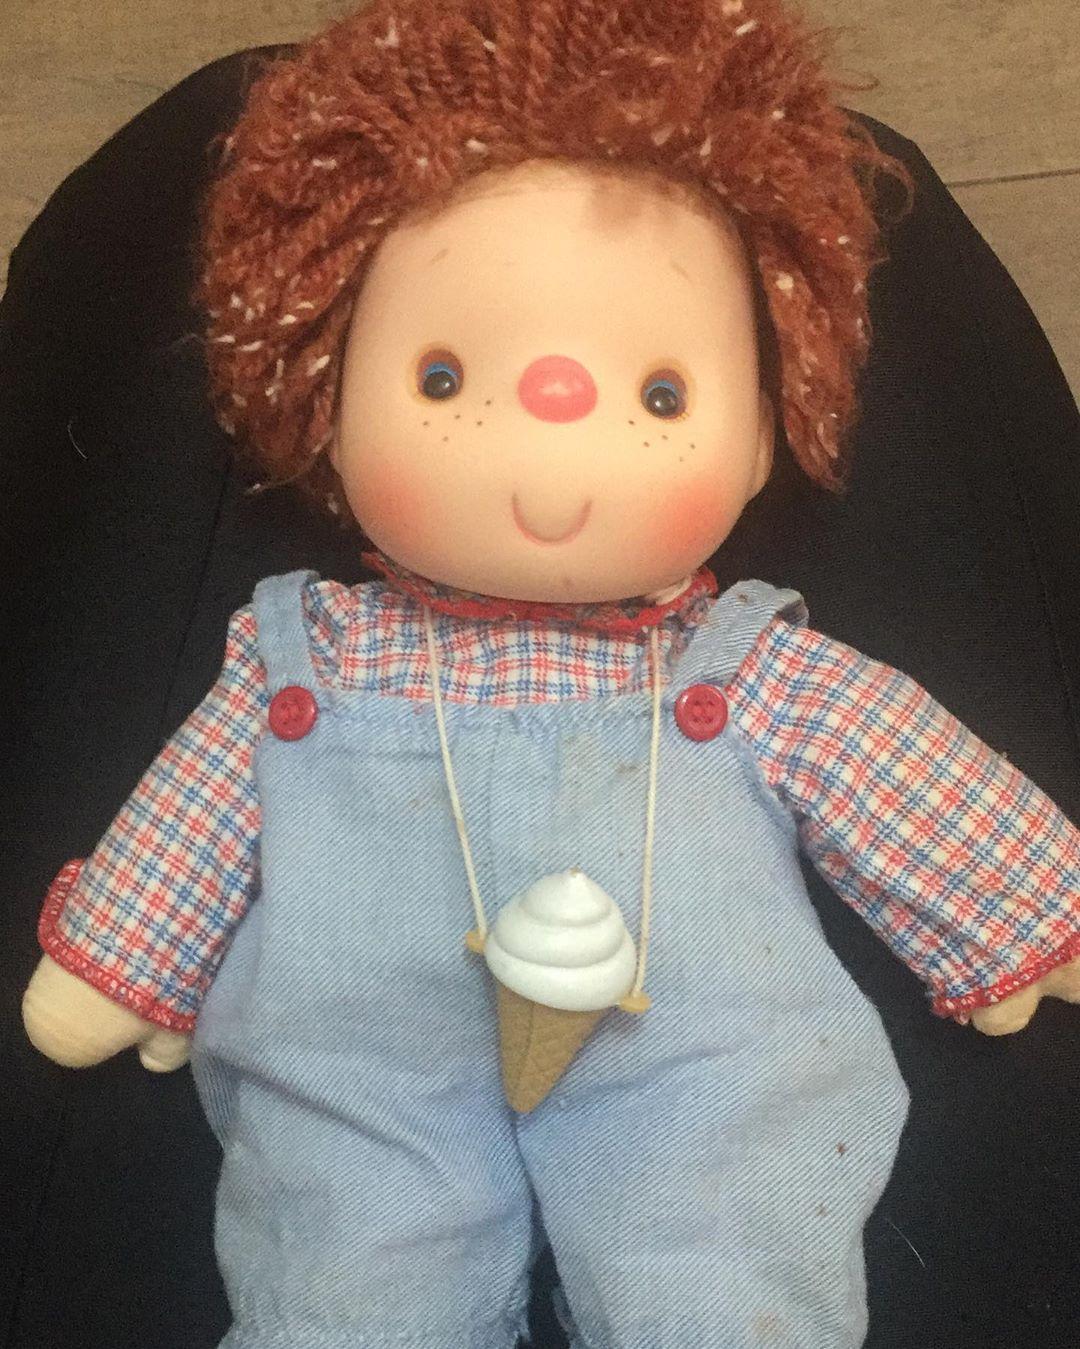 boneco de uma internauta a idosa que comemorou ainversário vestida de princesa